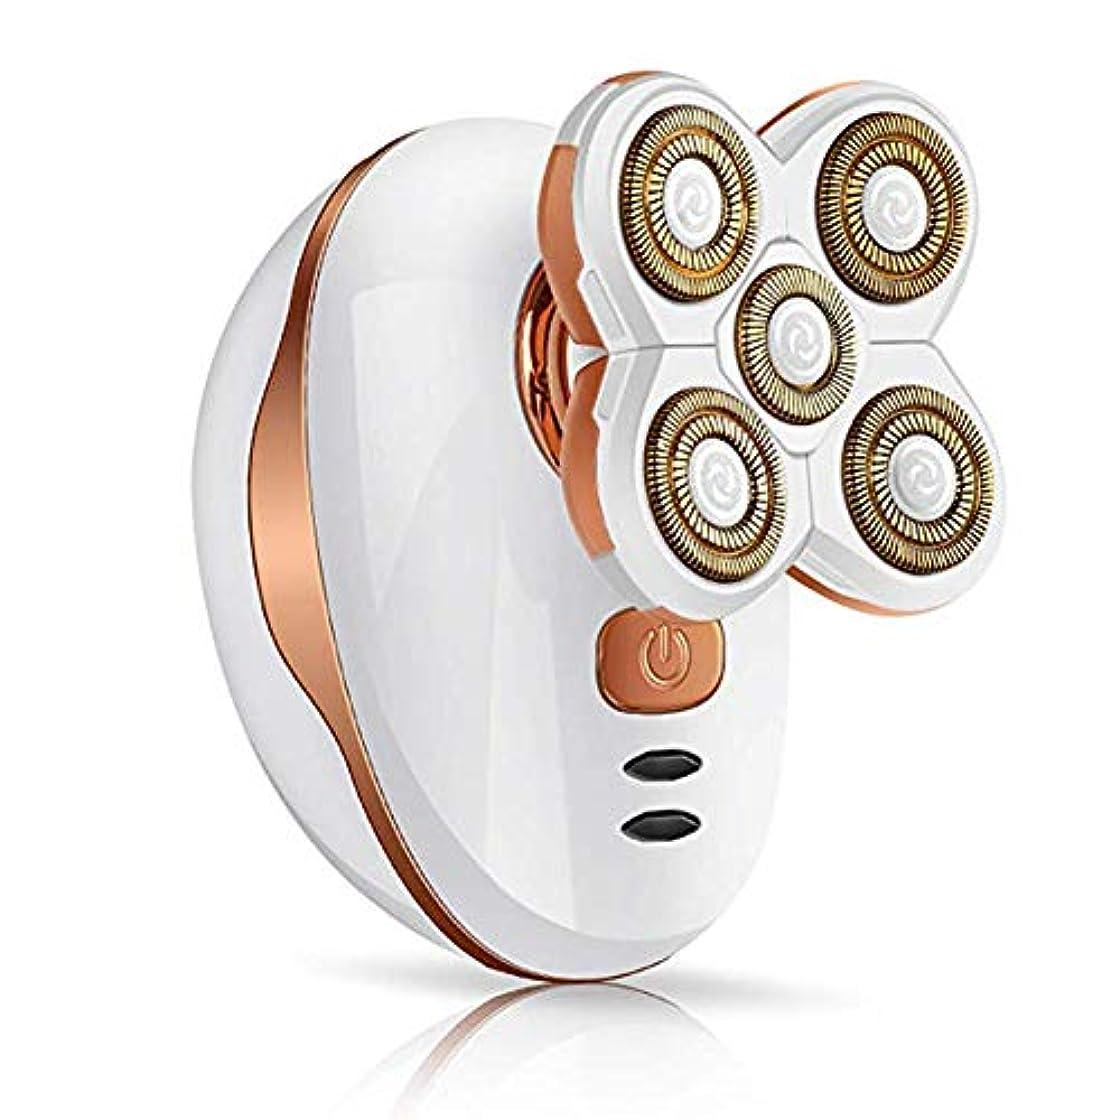 シャベル穴修正ウェットドライ電気ロータリーシェーバー、5フローティングヘッド付きコードレス防水カミソリヘッドシェーバー旅行や家庭での使用のための高速USB充電セキュリティロックモード